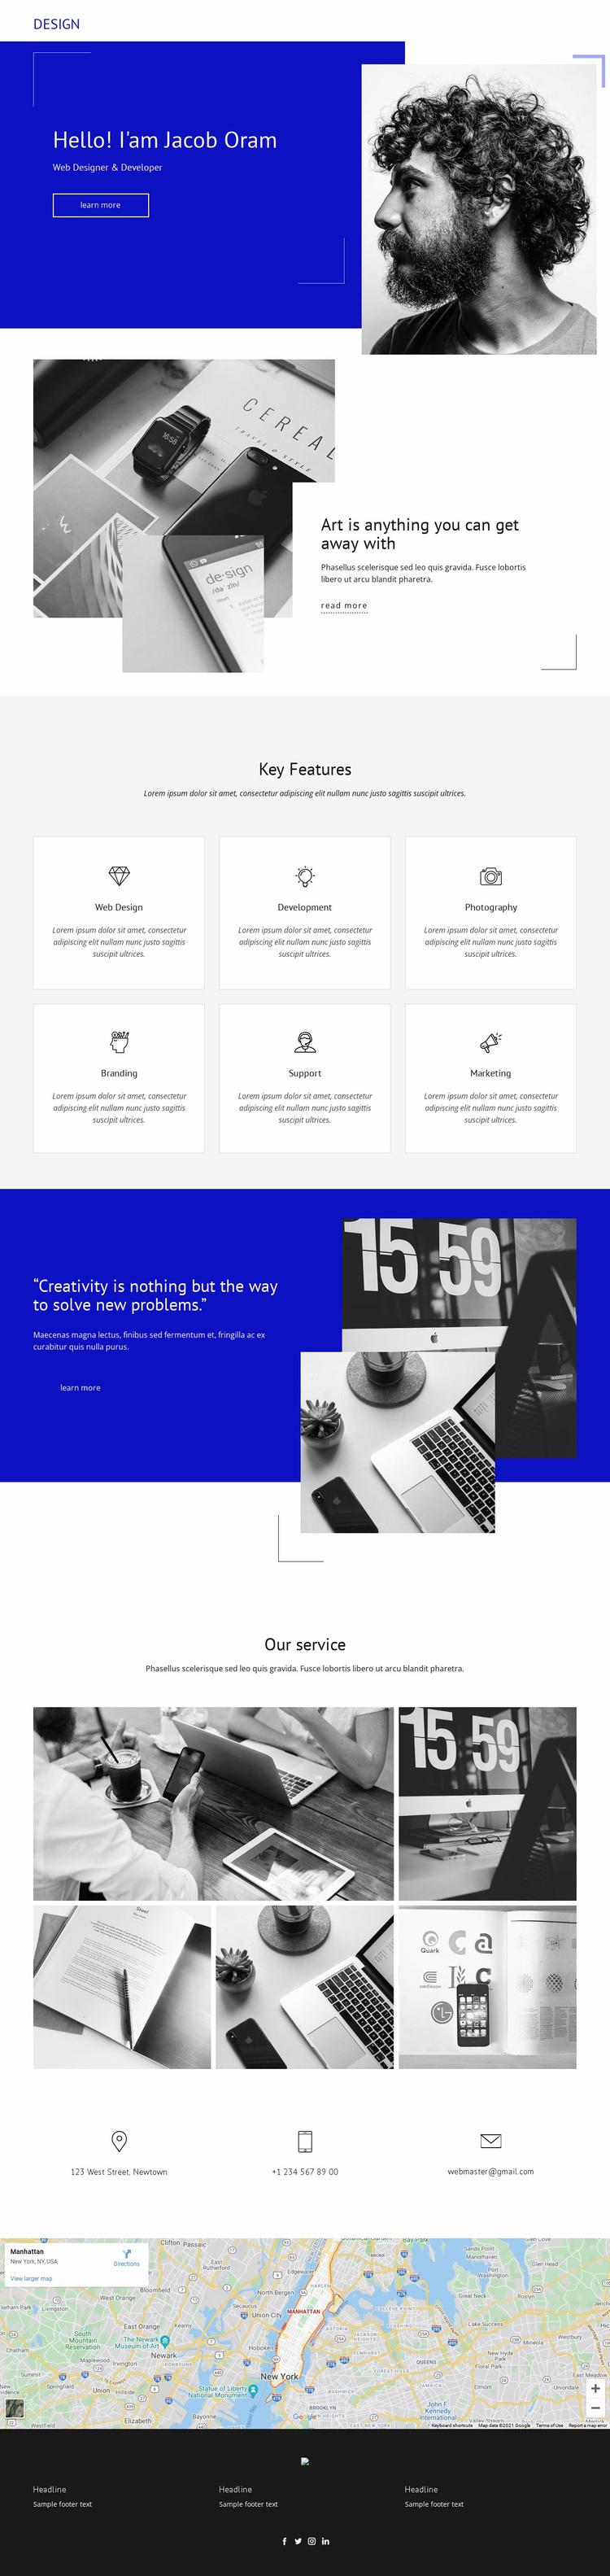 Jacob Oram Portfolio Website Design